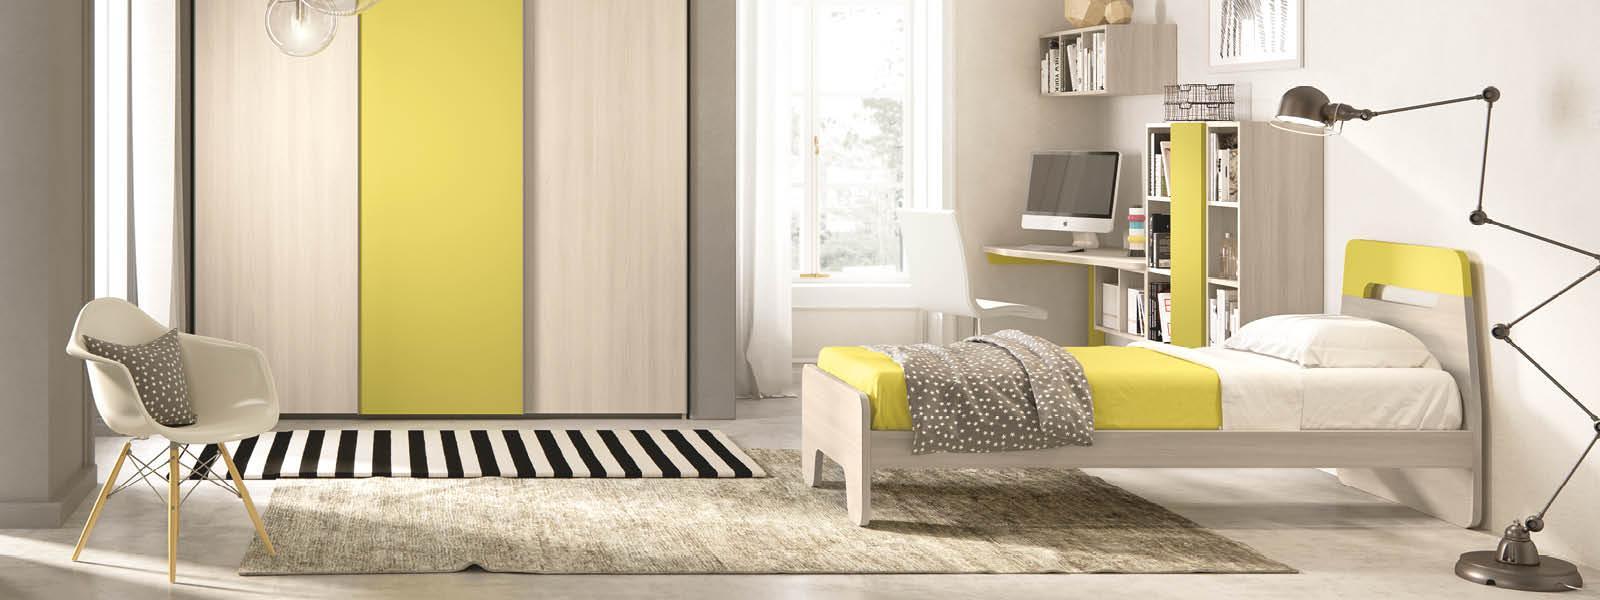 Letti ragazzi prezzi elegant kit offerta singolo rete in - Ikea bari camerette ...